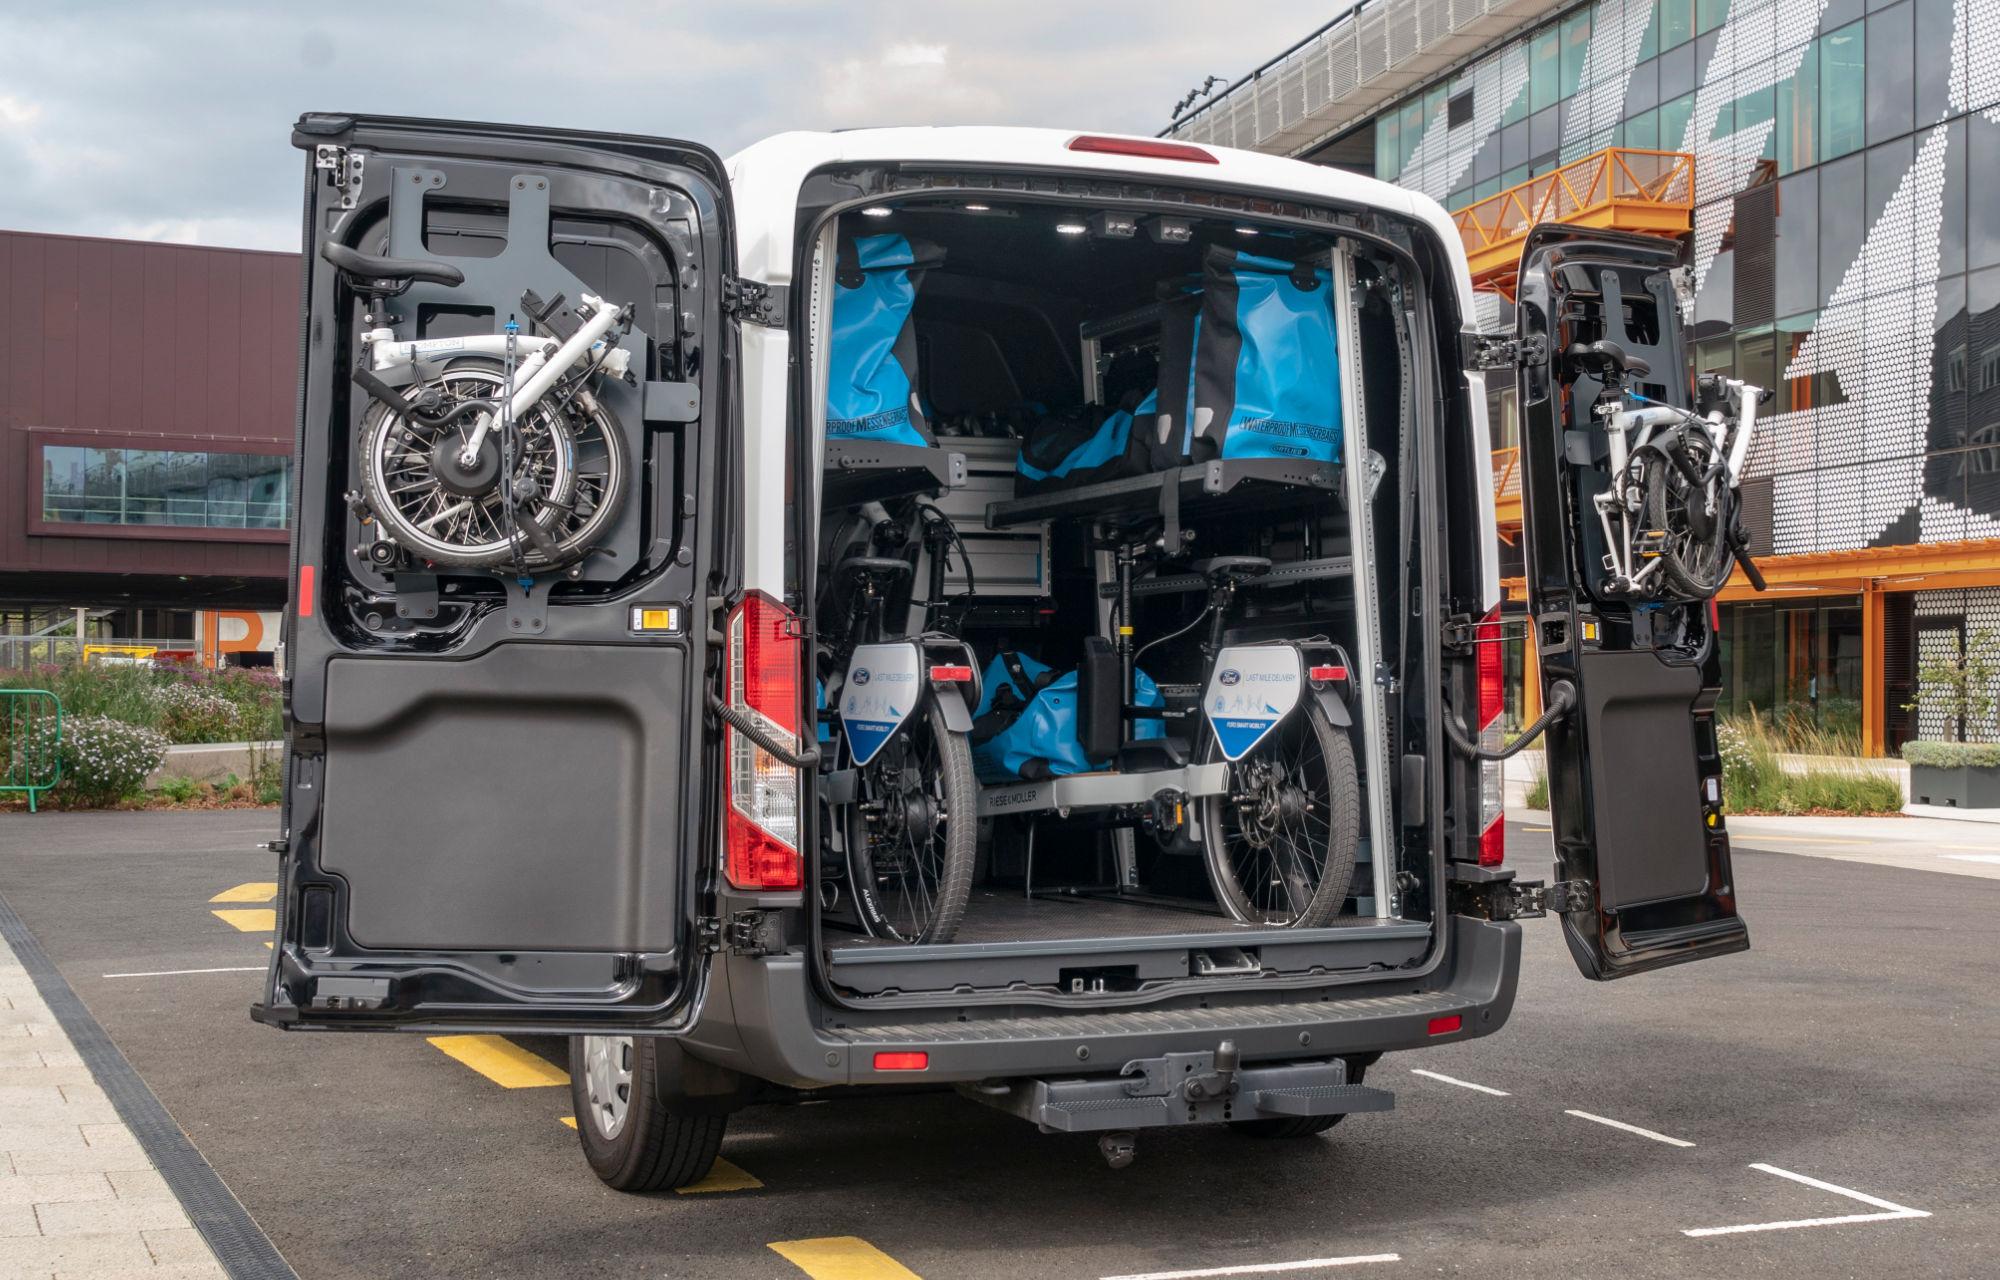 Livraison du dernier kilomètre : utilitaires + vélos + piétons, l'algorithme idéal ?